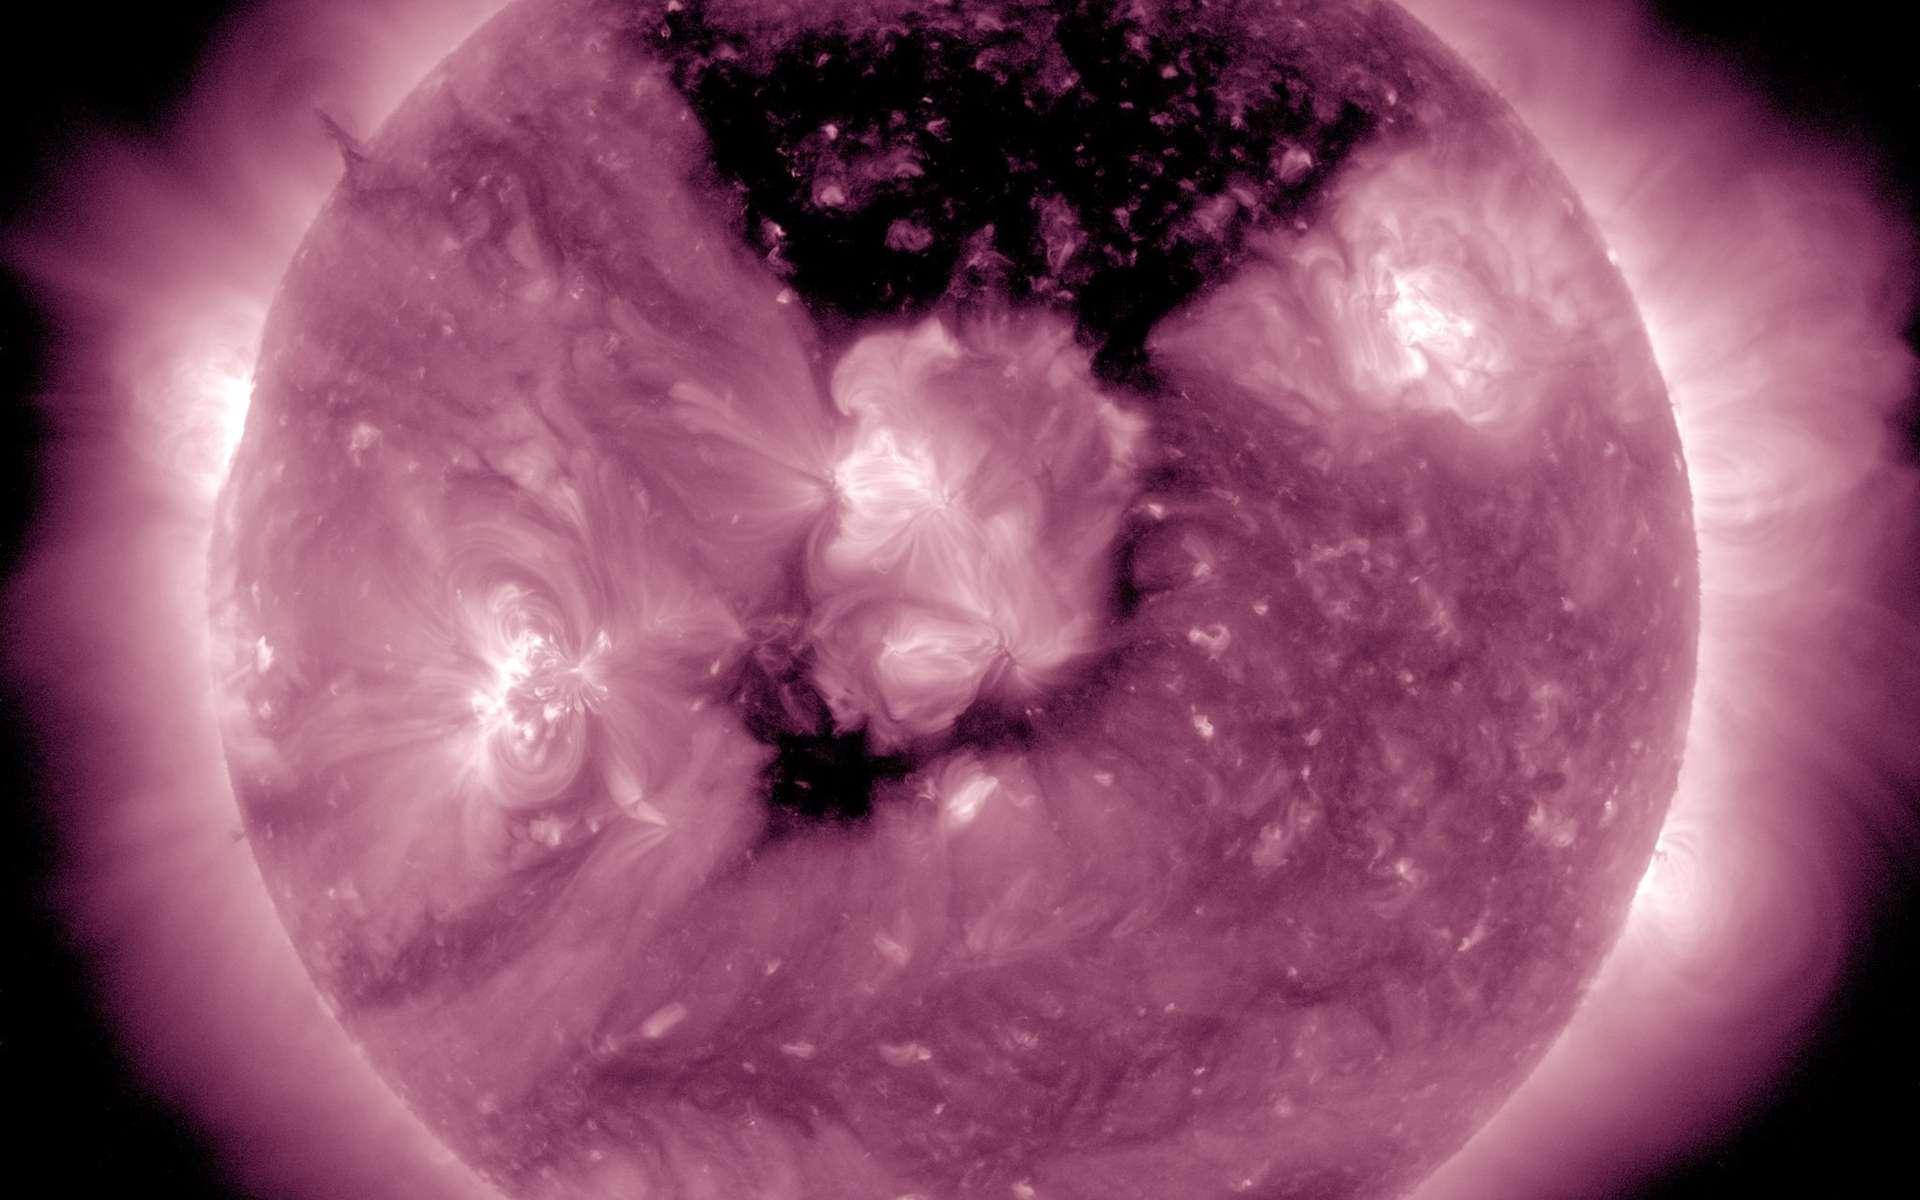 Observée dans l'extrême ultraviolet avec le satellite SDO, la zone sombre qui s'étend dans la couronne solaire est immense. © Nasa, SDO